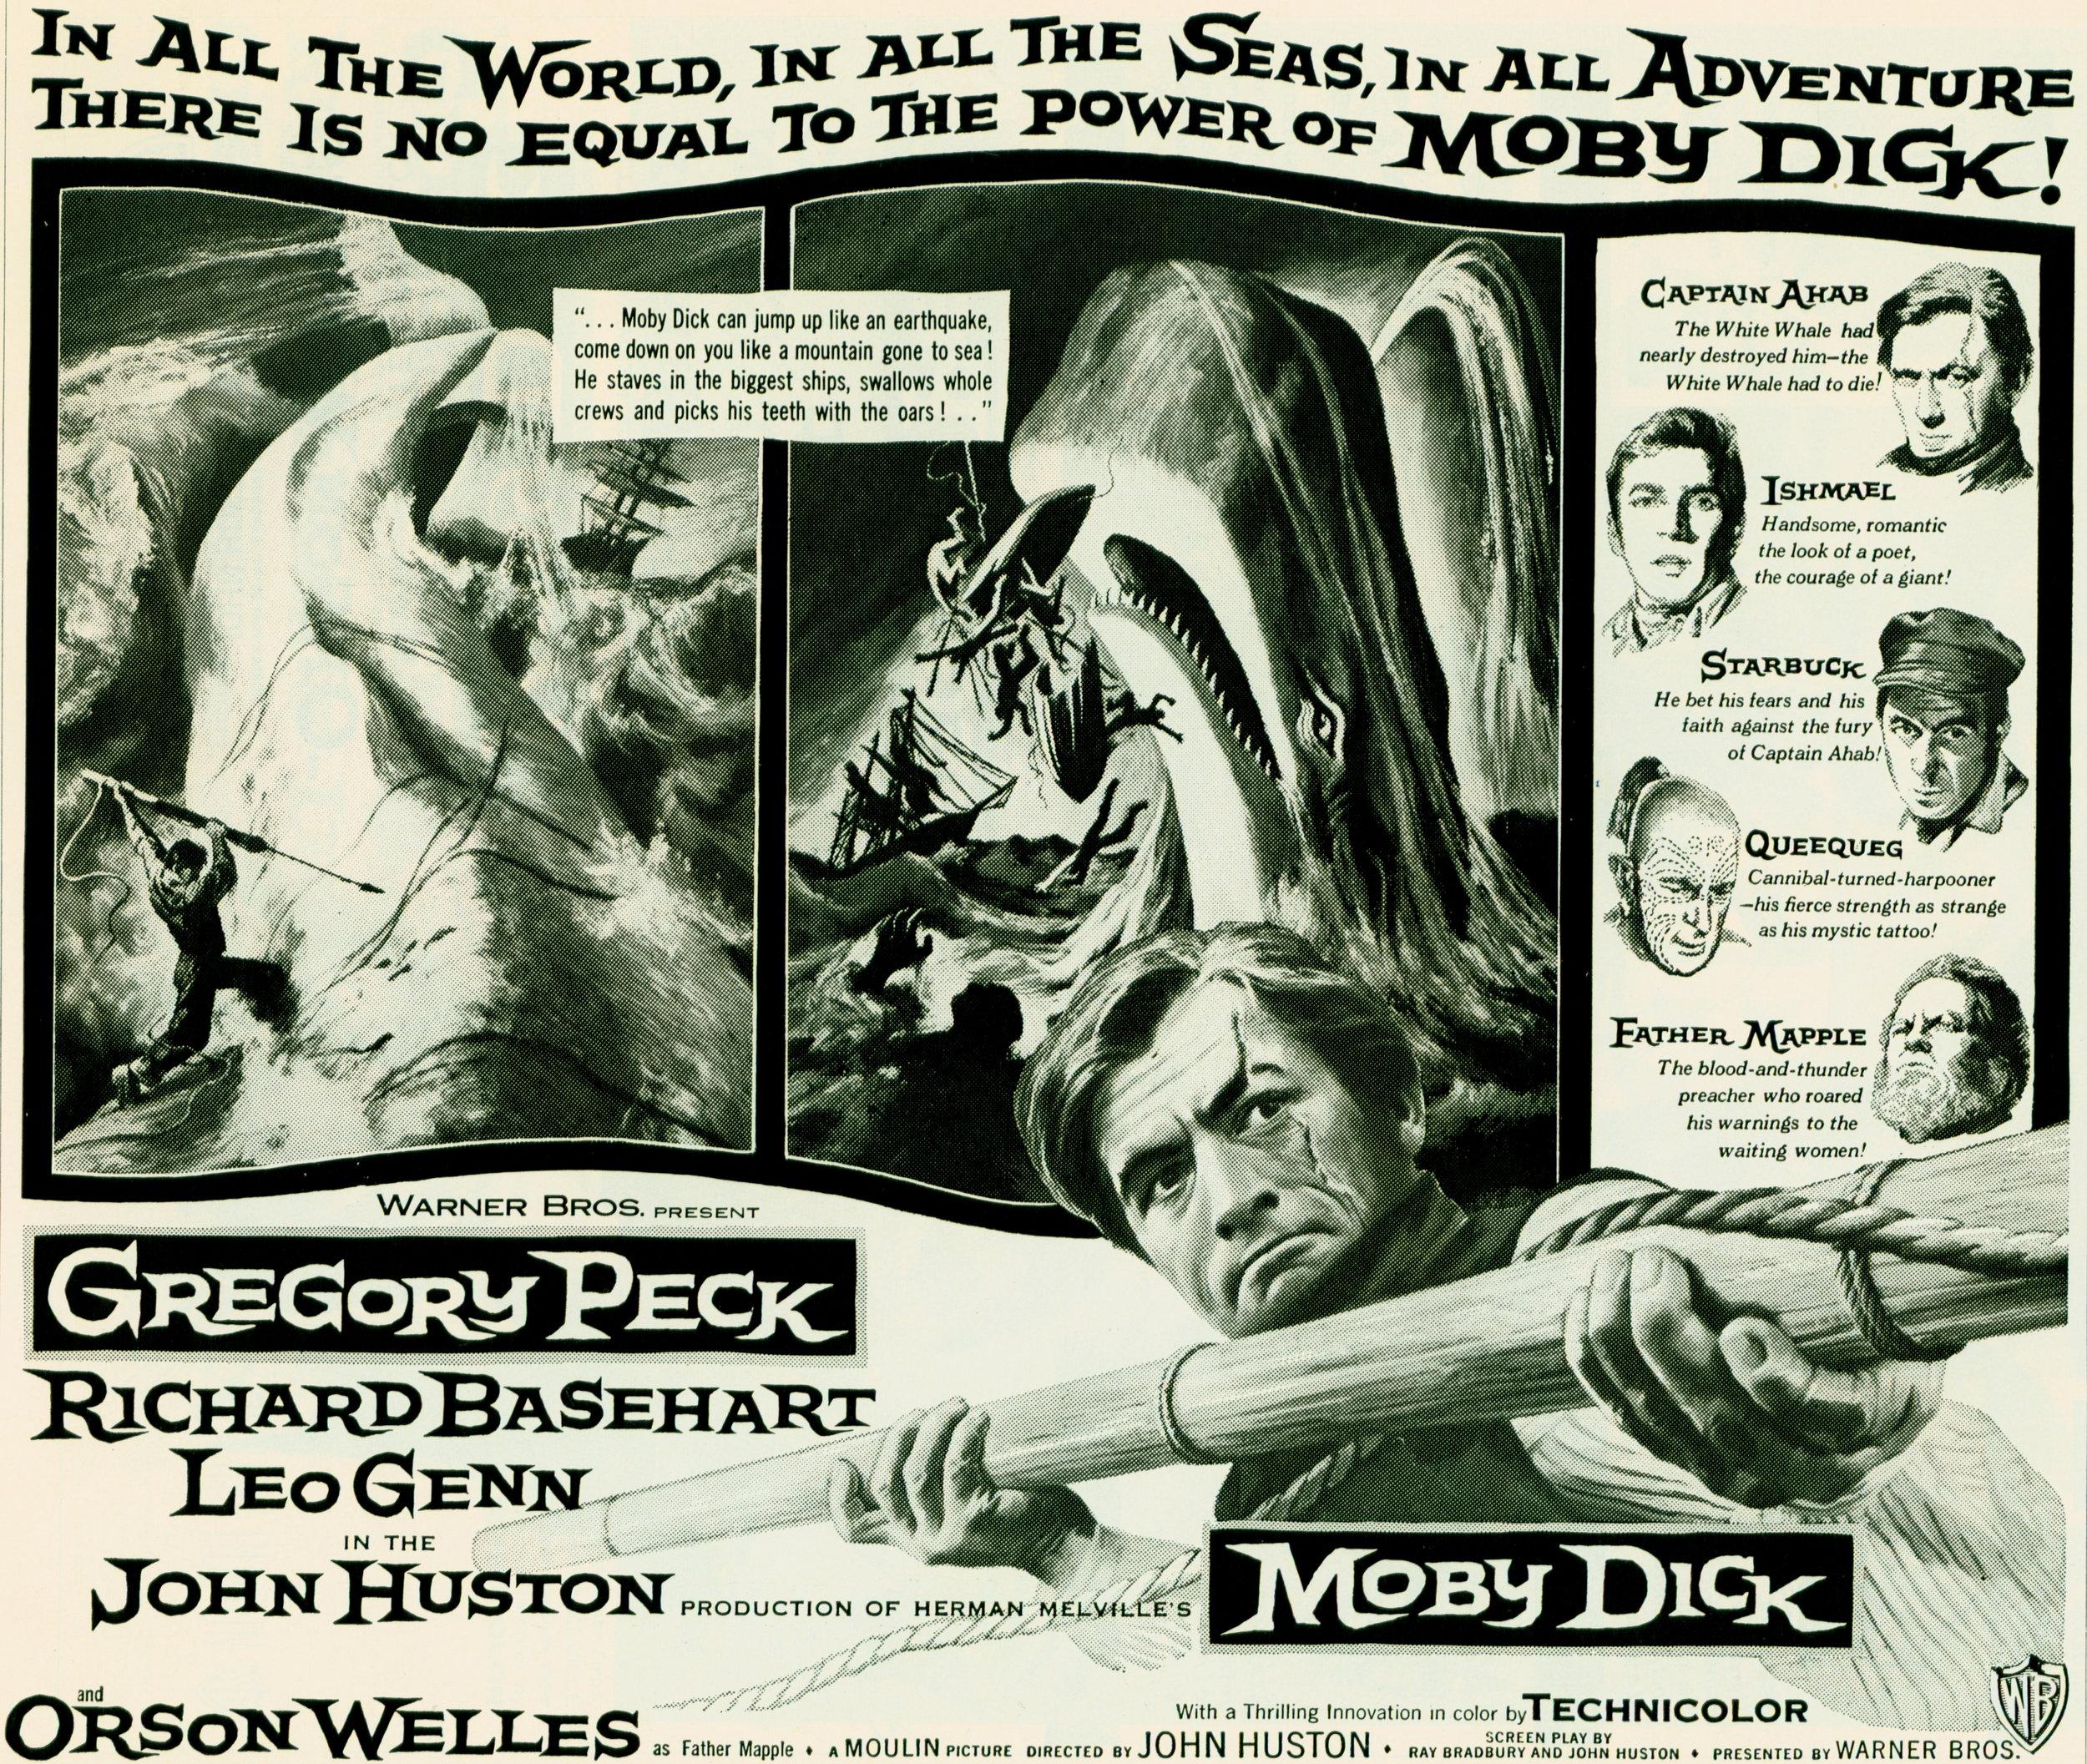 1956 MOBY DICK #2 Warner Bros. Pressbook.JPG